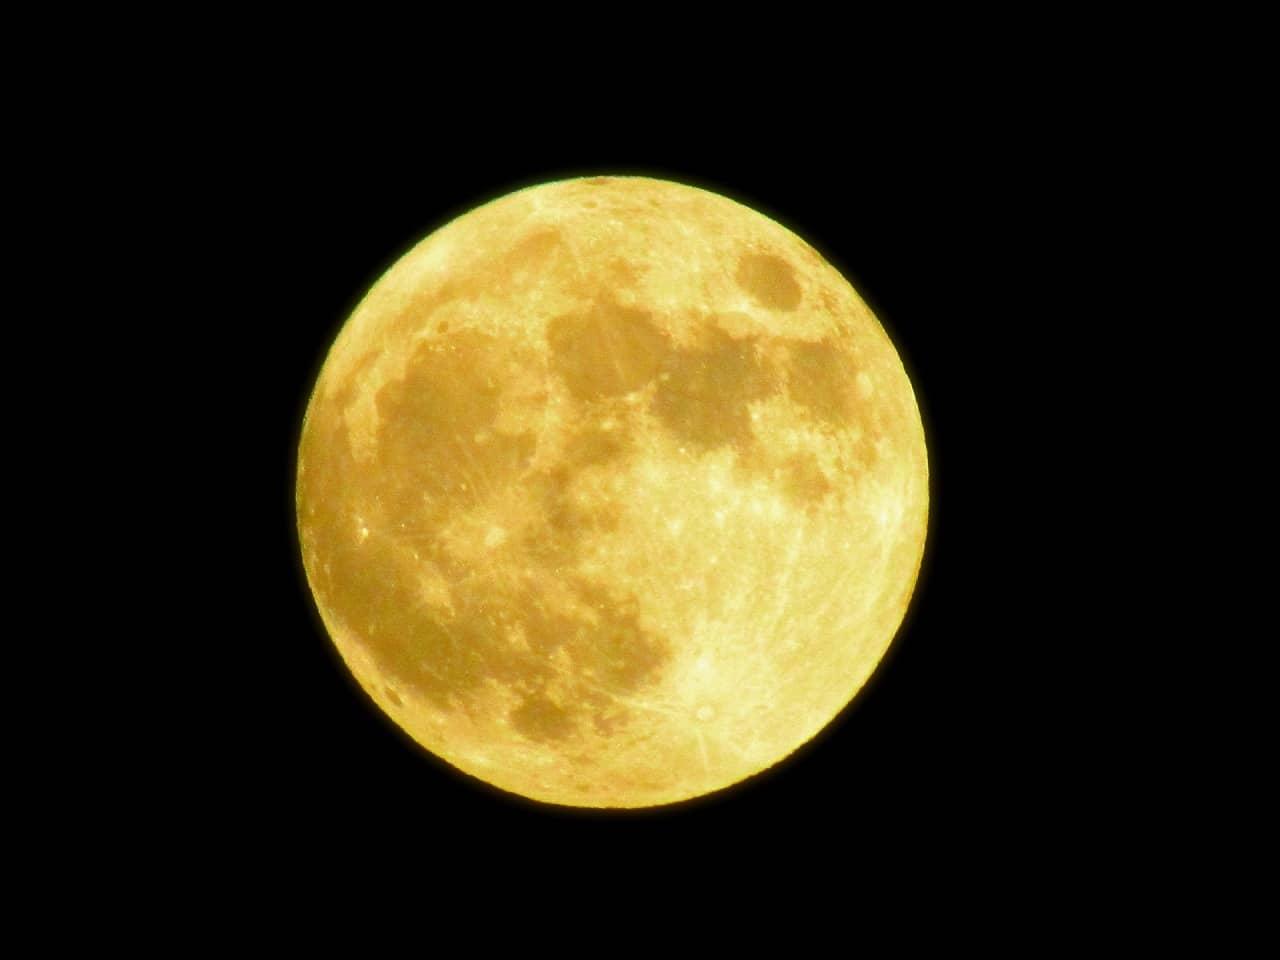 「満月の日に赤ちゃんを出産」する可能性は? 新月や大潮の日は? 統計や出生率、満月出産カレンダーをチェック!